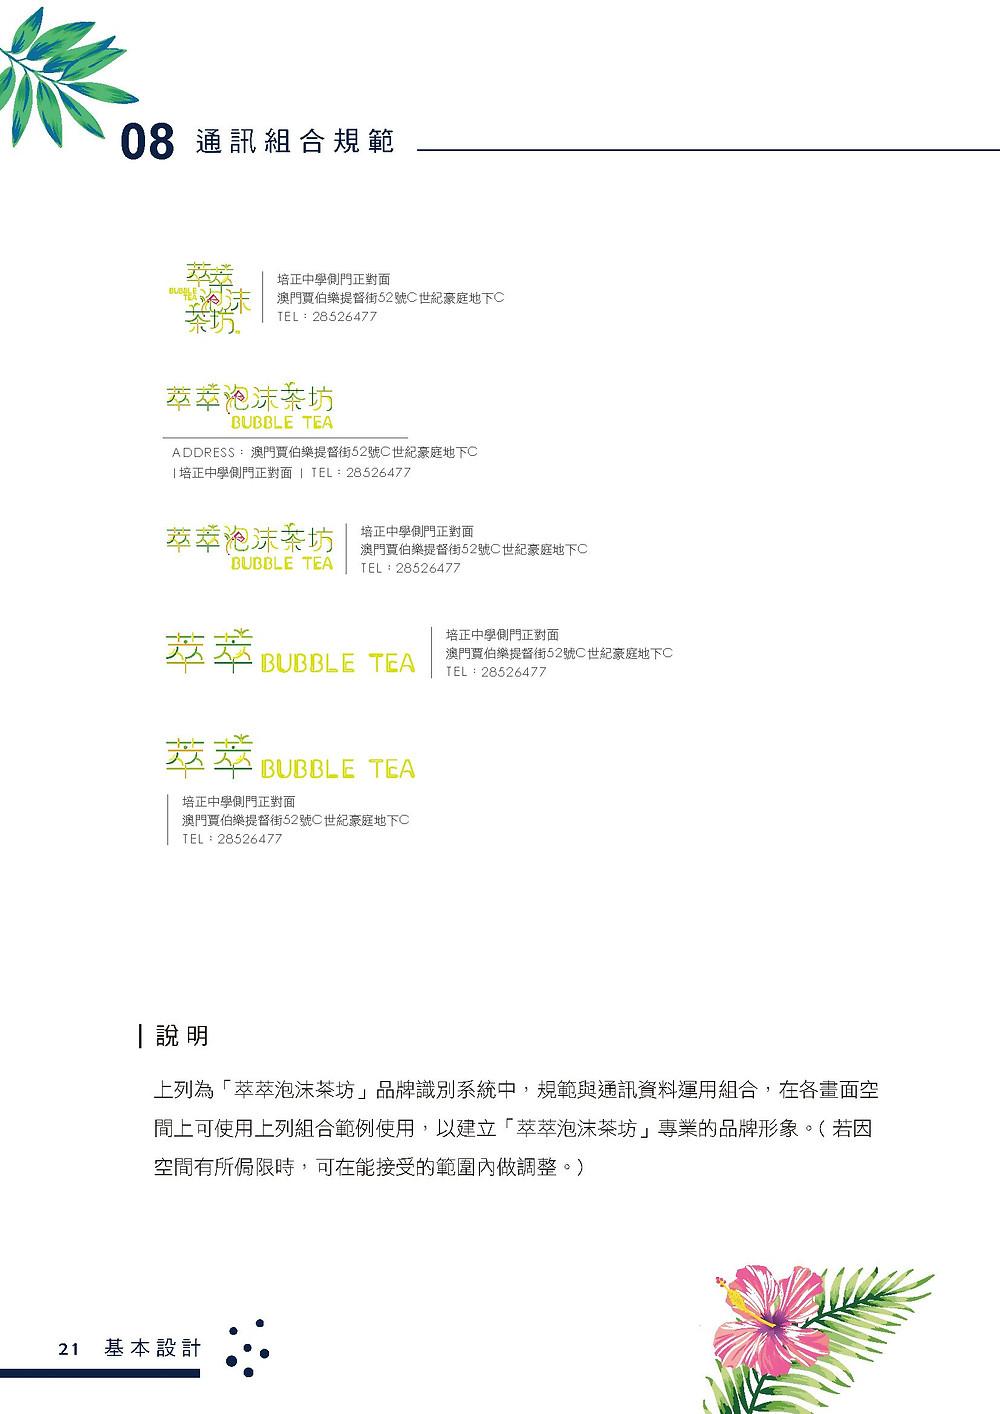 萃萃泡沫茶坊 品牌識別系統手冊